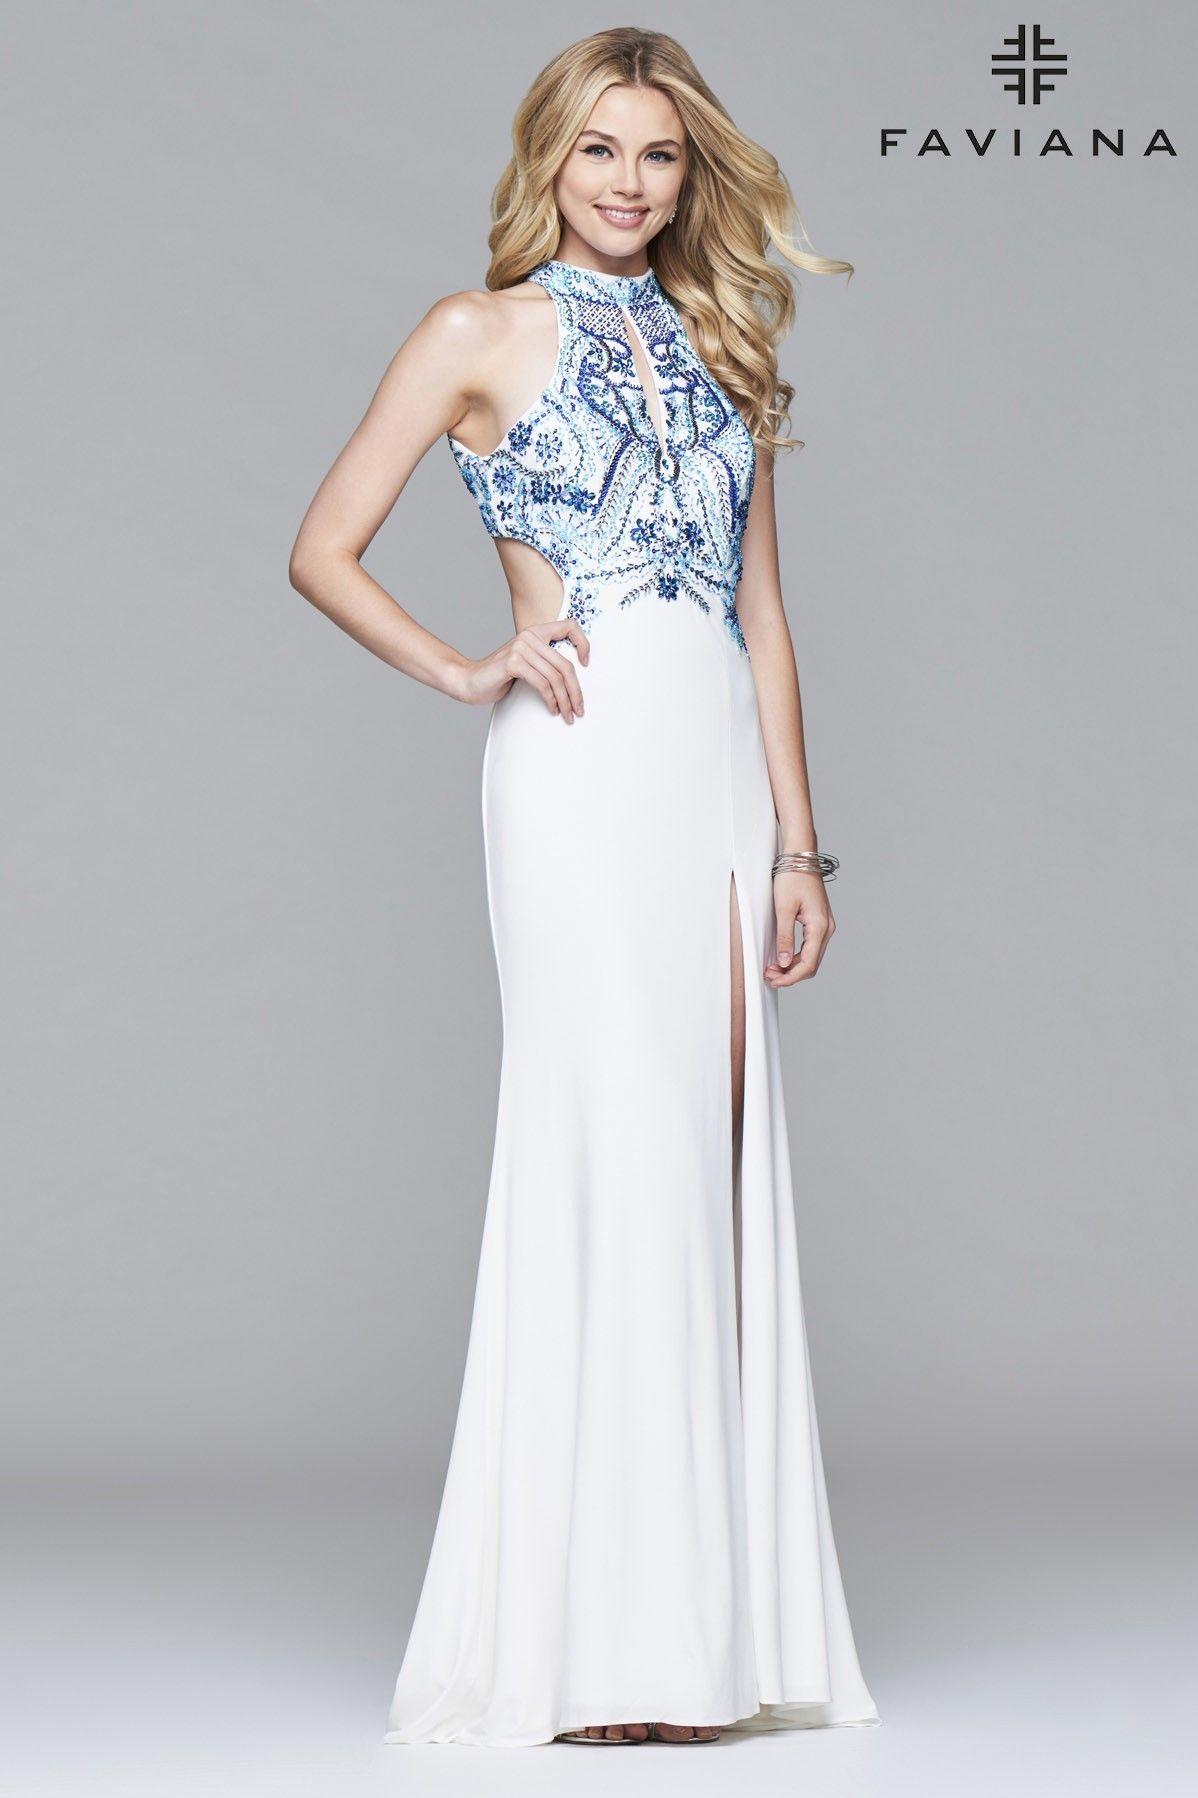 Prom Dresses Sacramento – Fashion dresses